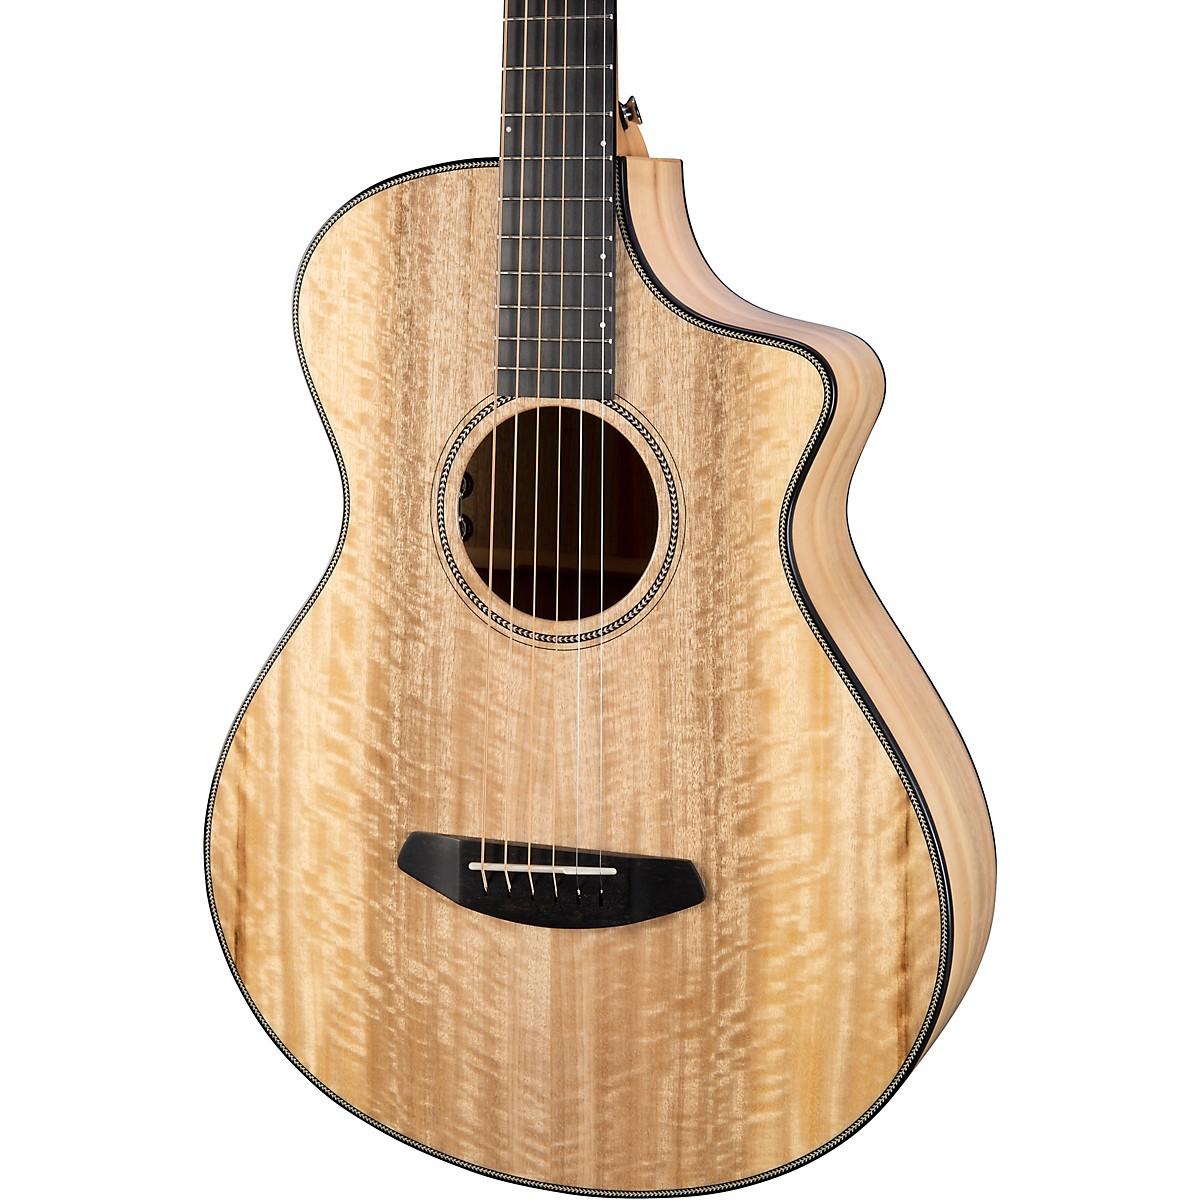 Breedlove Oregon Concertina CE Myrtlewood-Myrtlewood Acoustic-Electric Guitar